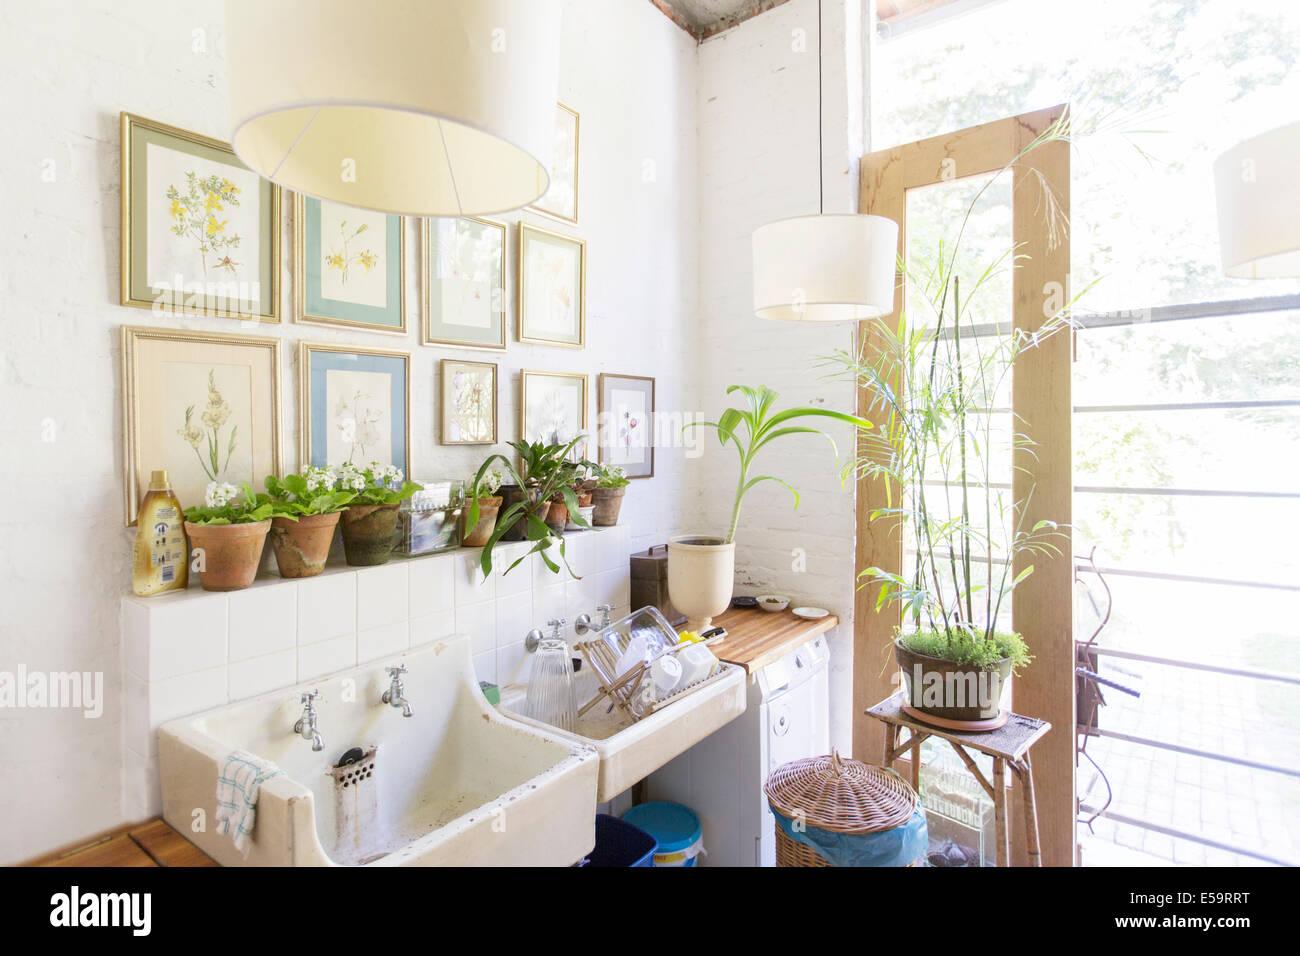 Wandbehänge und Lichter über rustikale Küchenspüle Stockbild